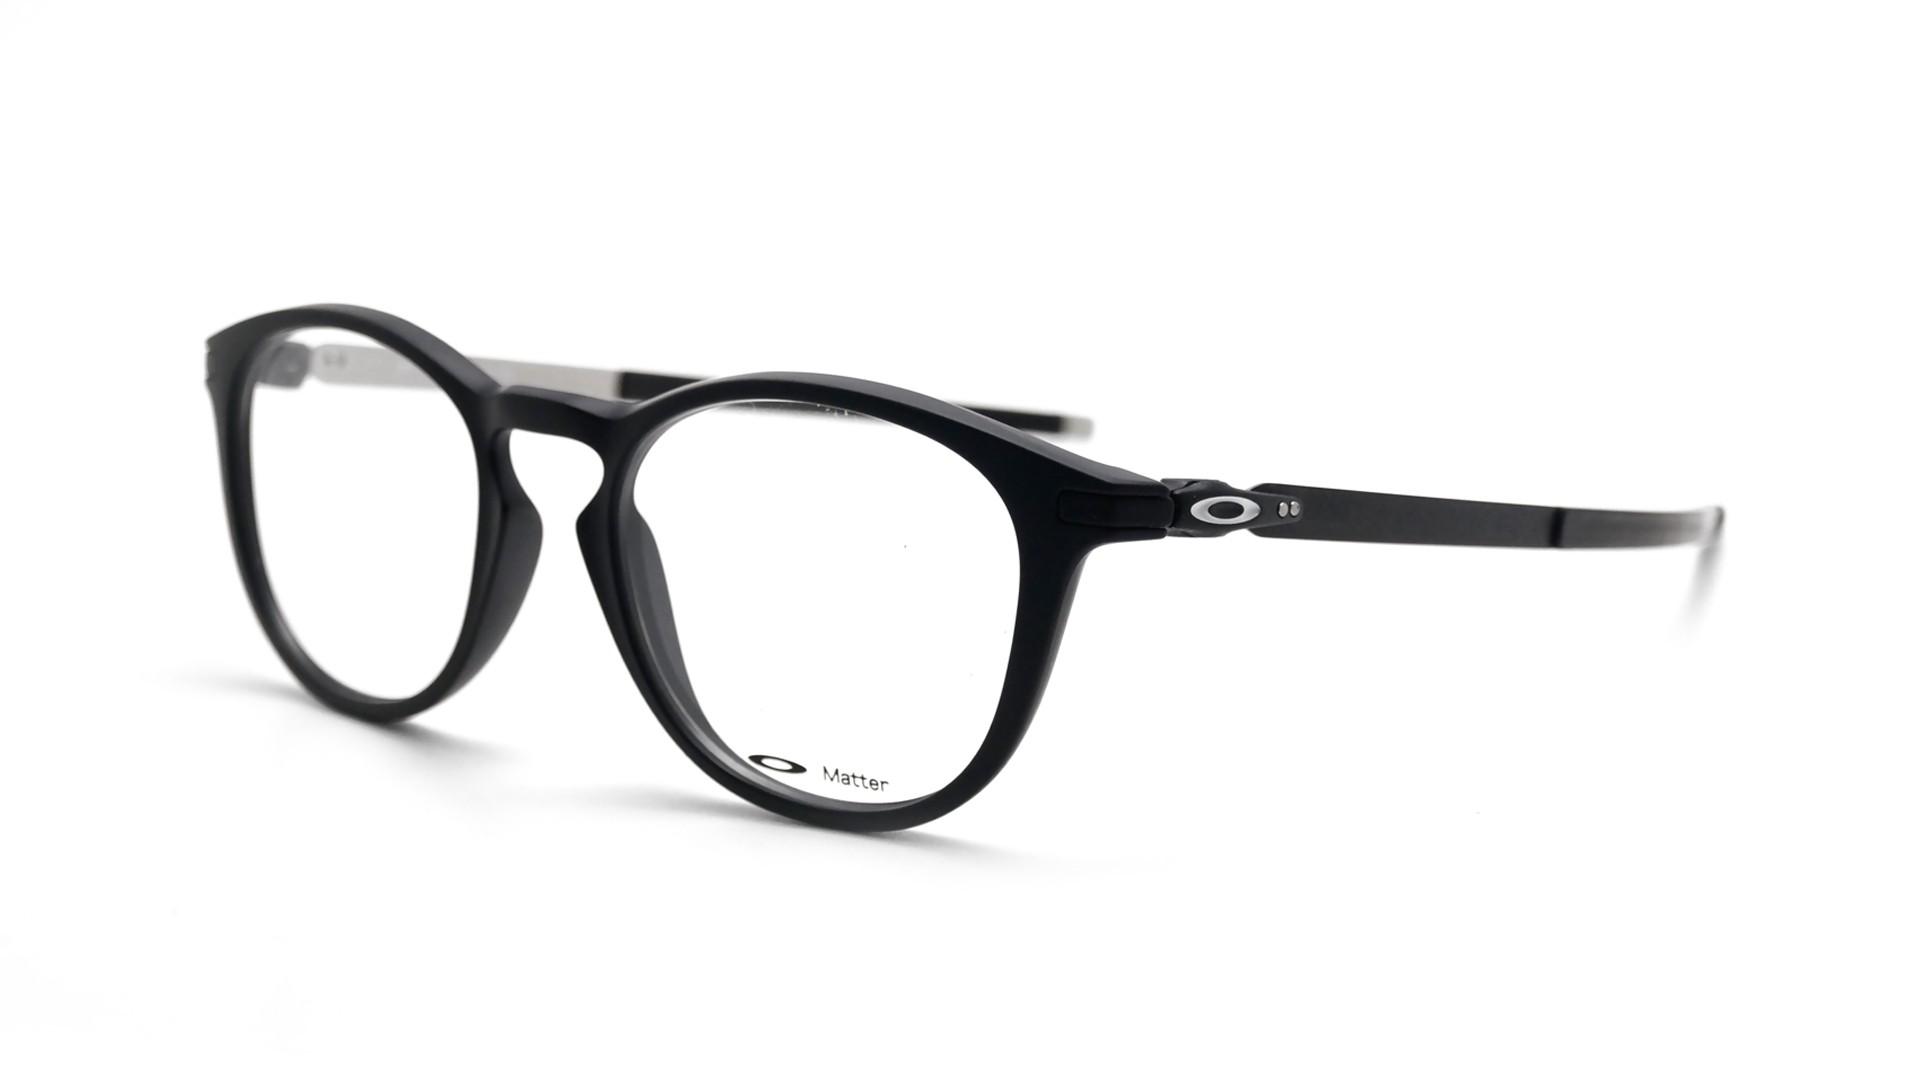 99f2b278f7 Eyeglasses Oakley Pitchman R Black OX8105 01 50-19 Medium